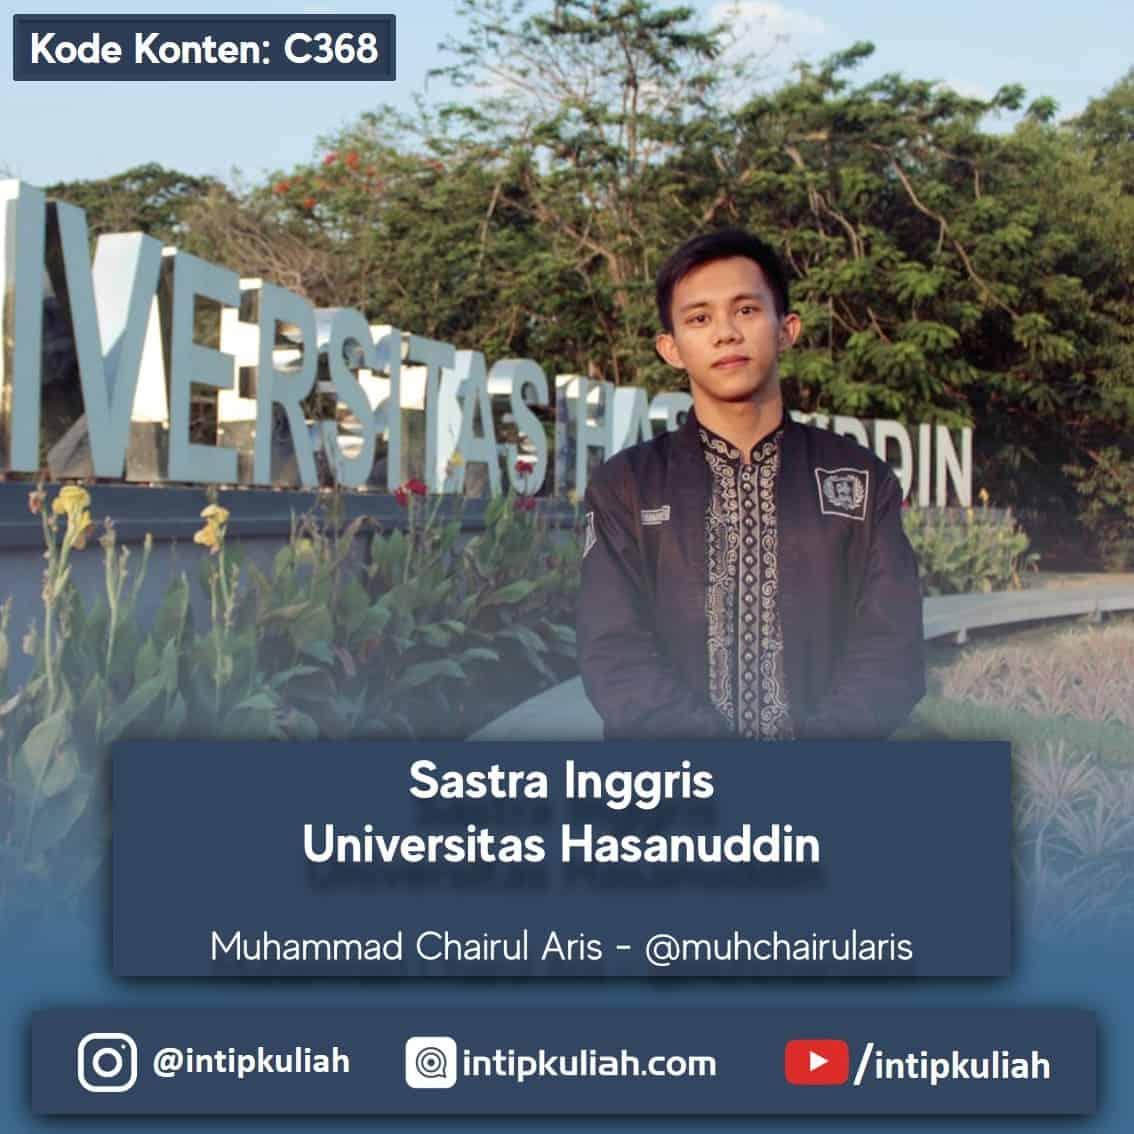 Sastra Inggris Universitas Hasanuddin (Chairul)